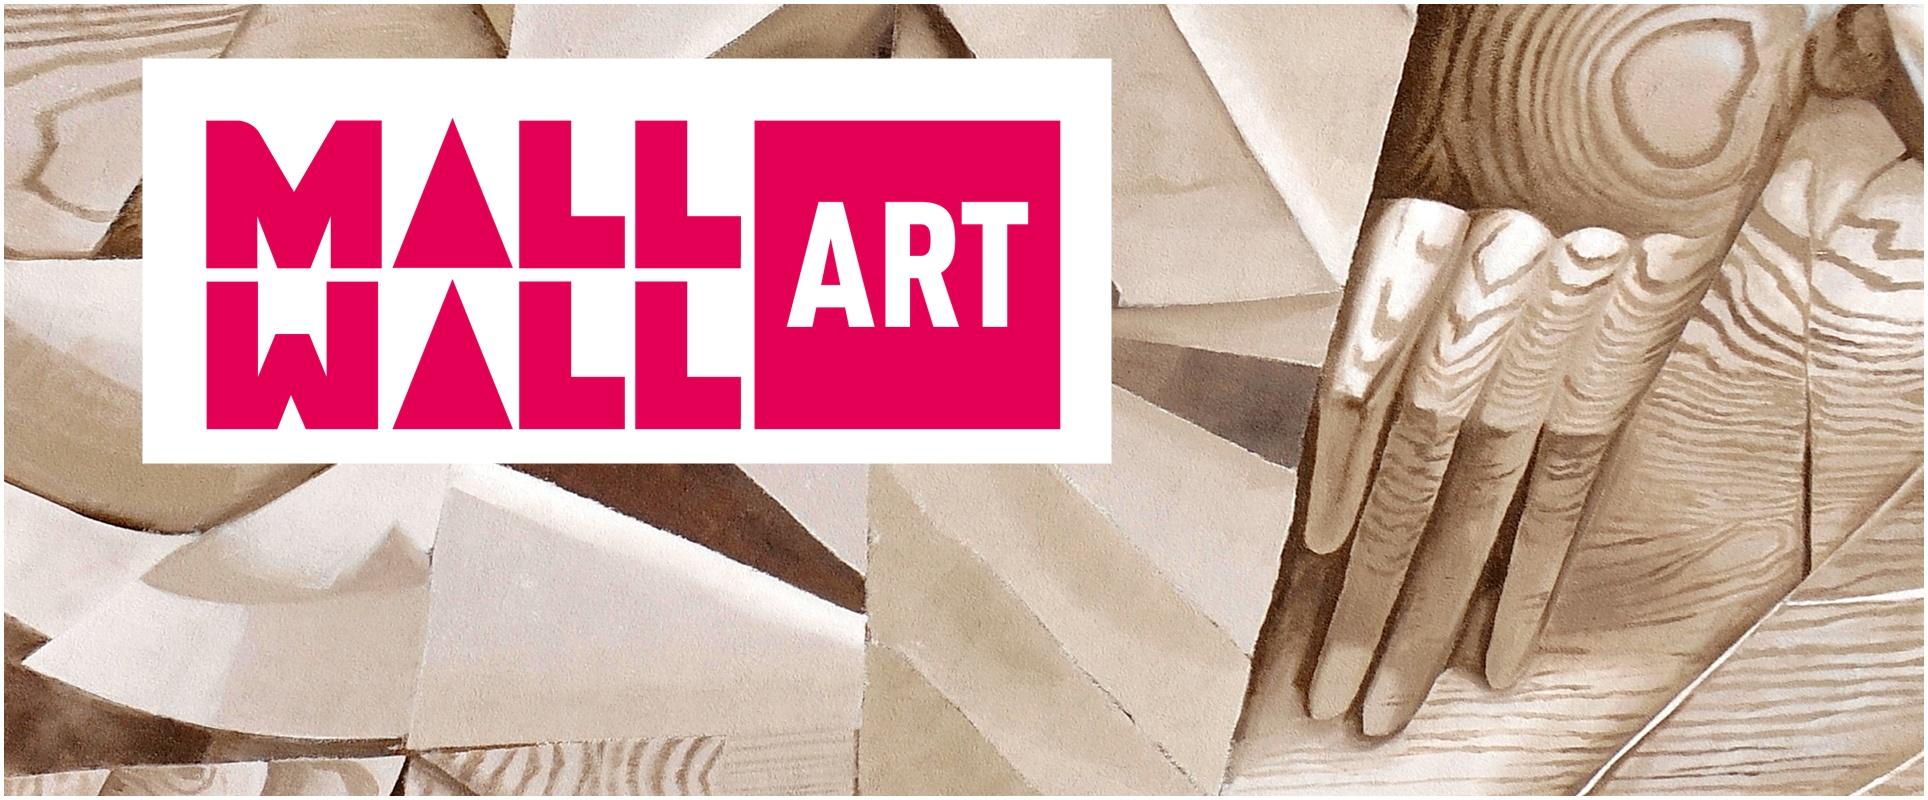 Nagroda dla kampanii Mall Wall  Art <a href='/mall-wall-art' class='btn btn-black upper black '>Więcej</a>